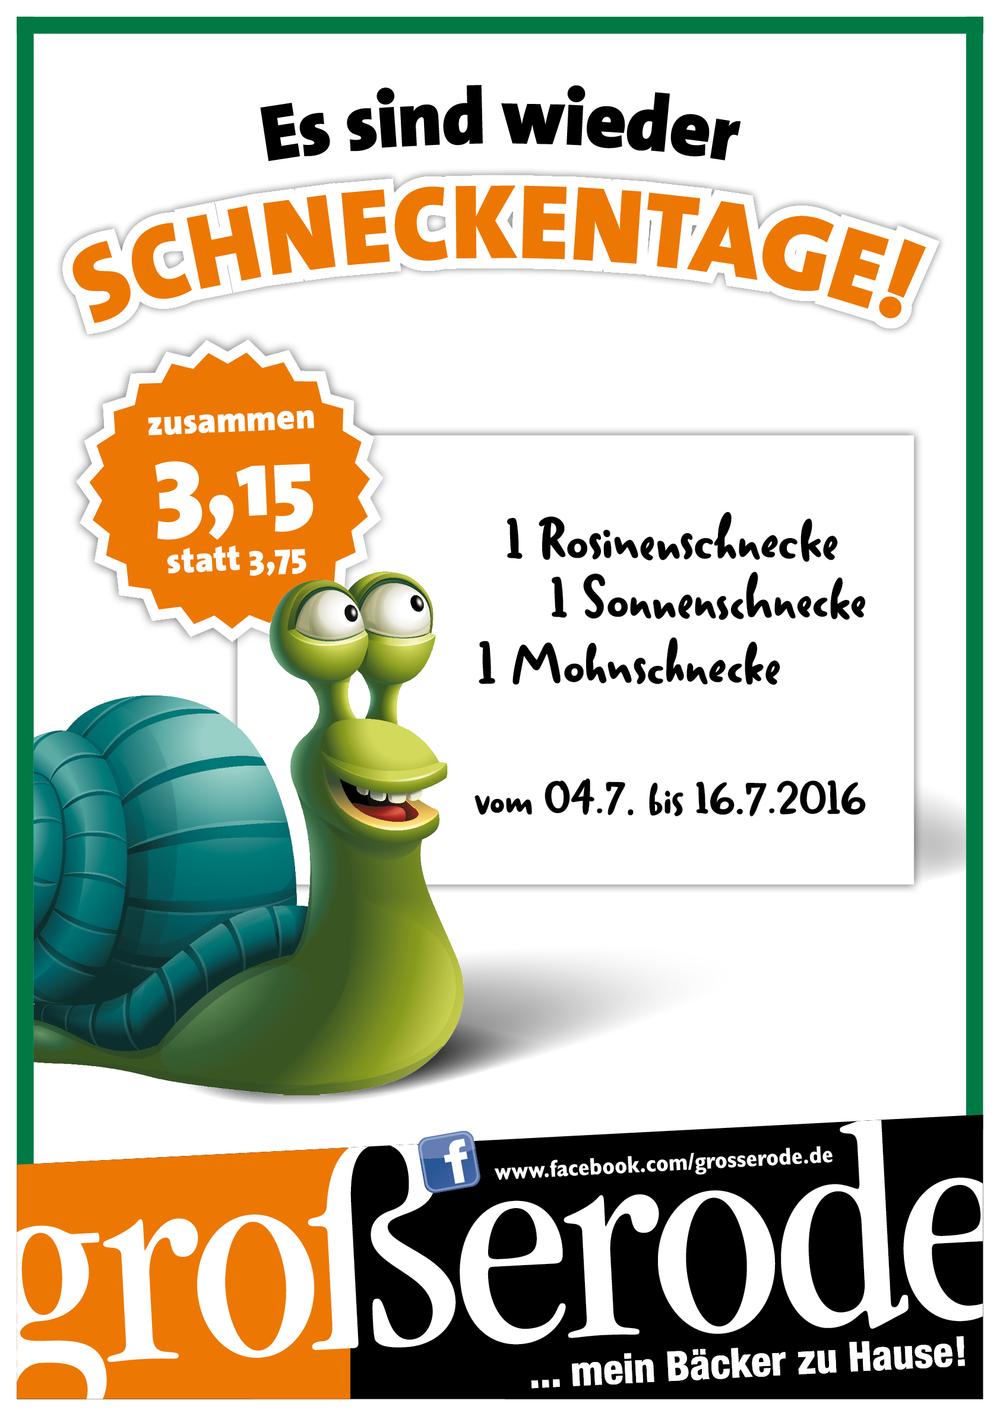 20160502_Grosserode_Schneckentage_Teil1_Web.png